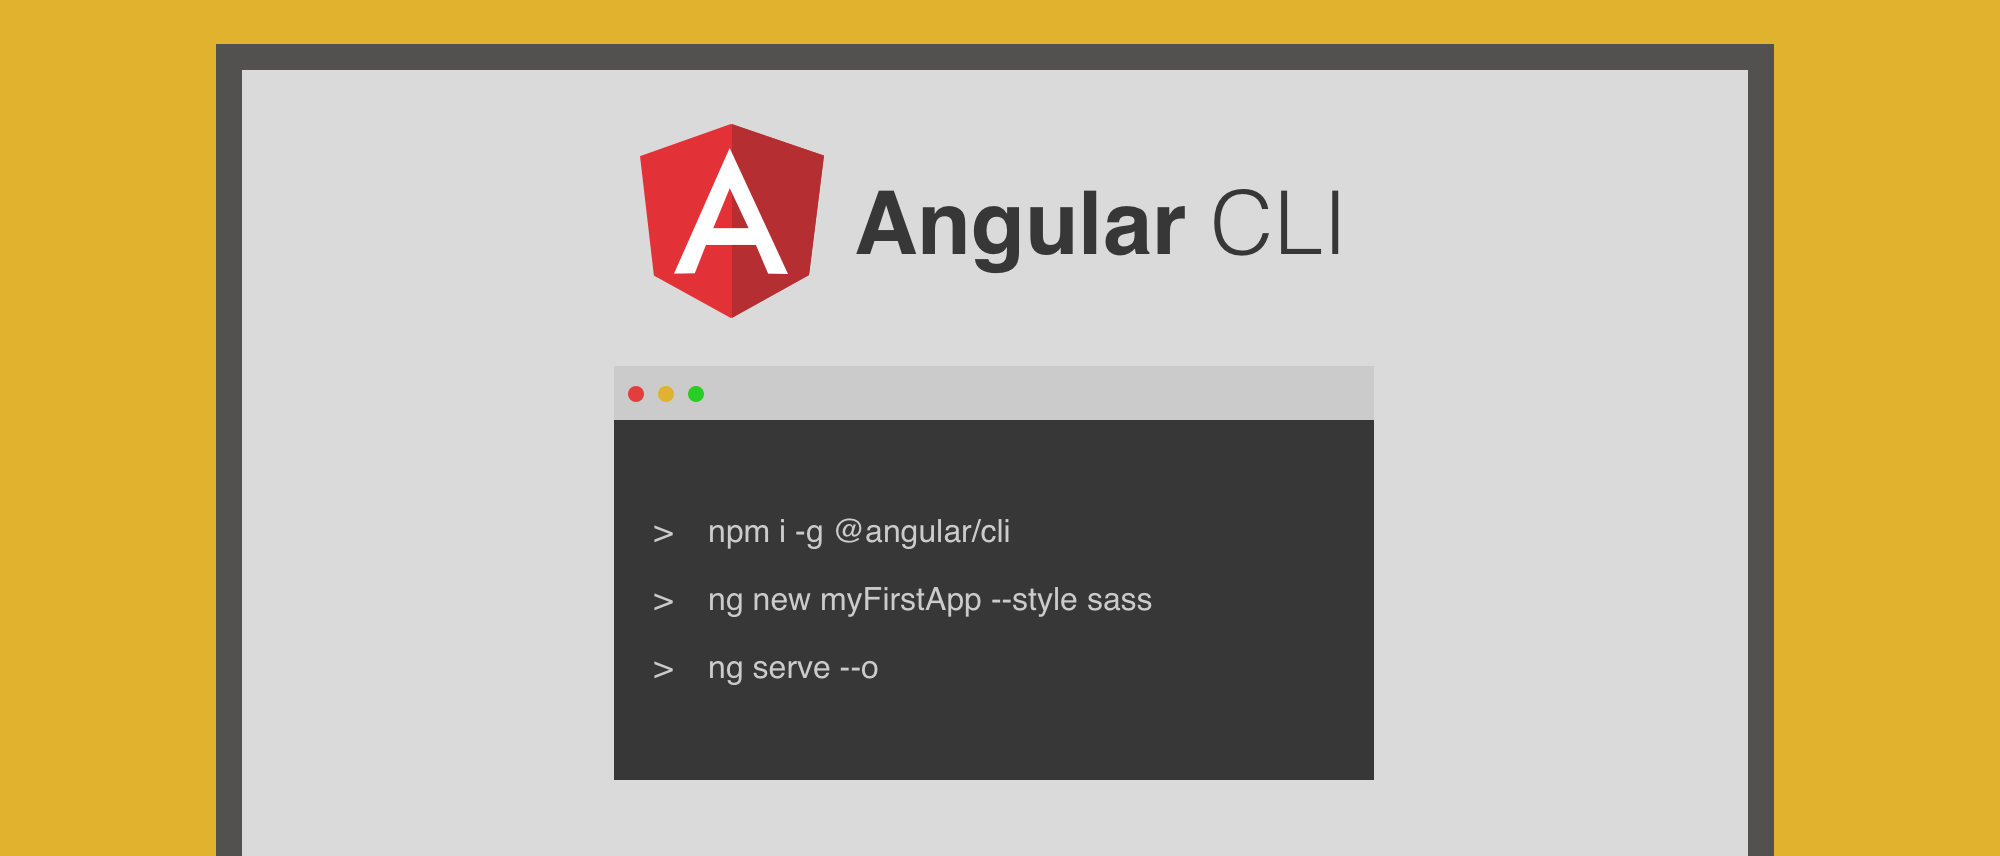 angular-cli-1